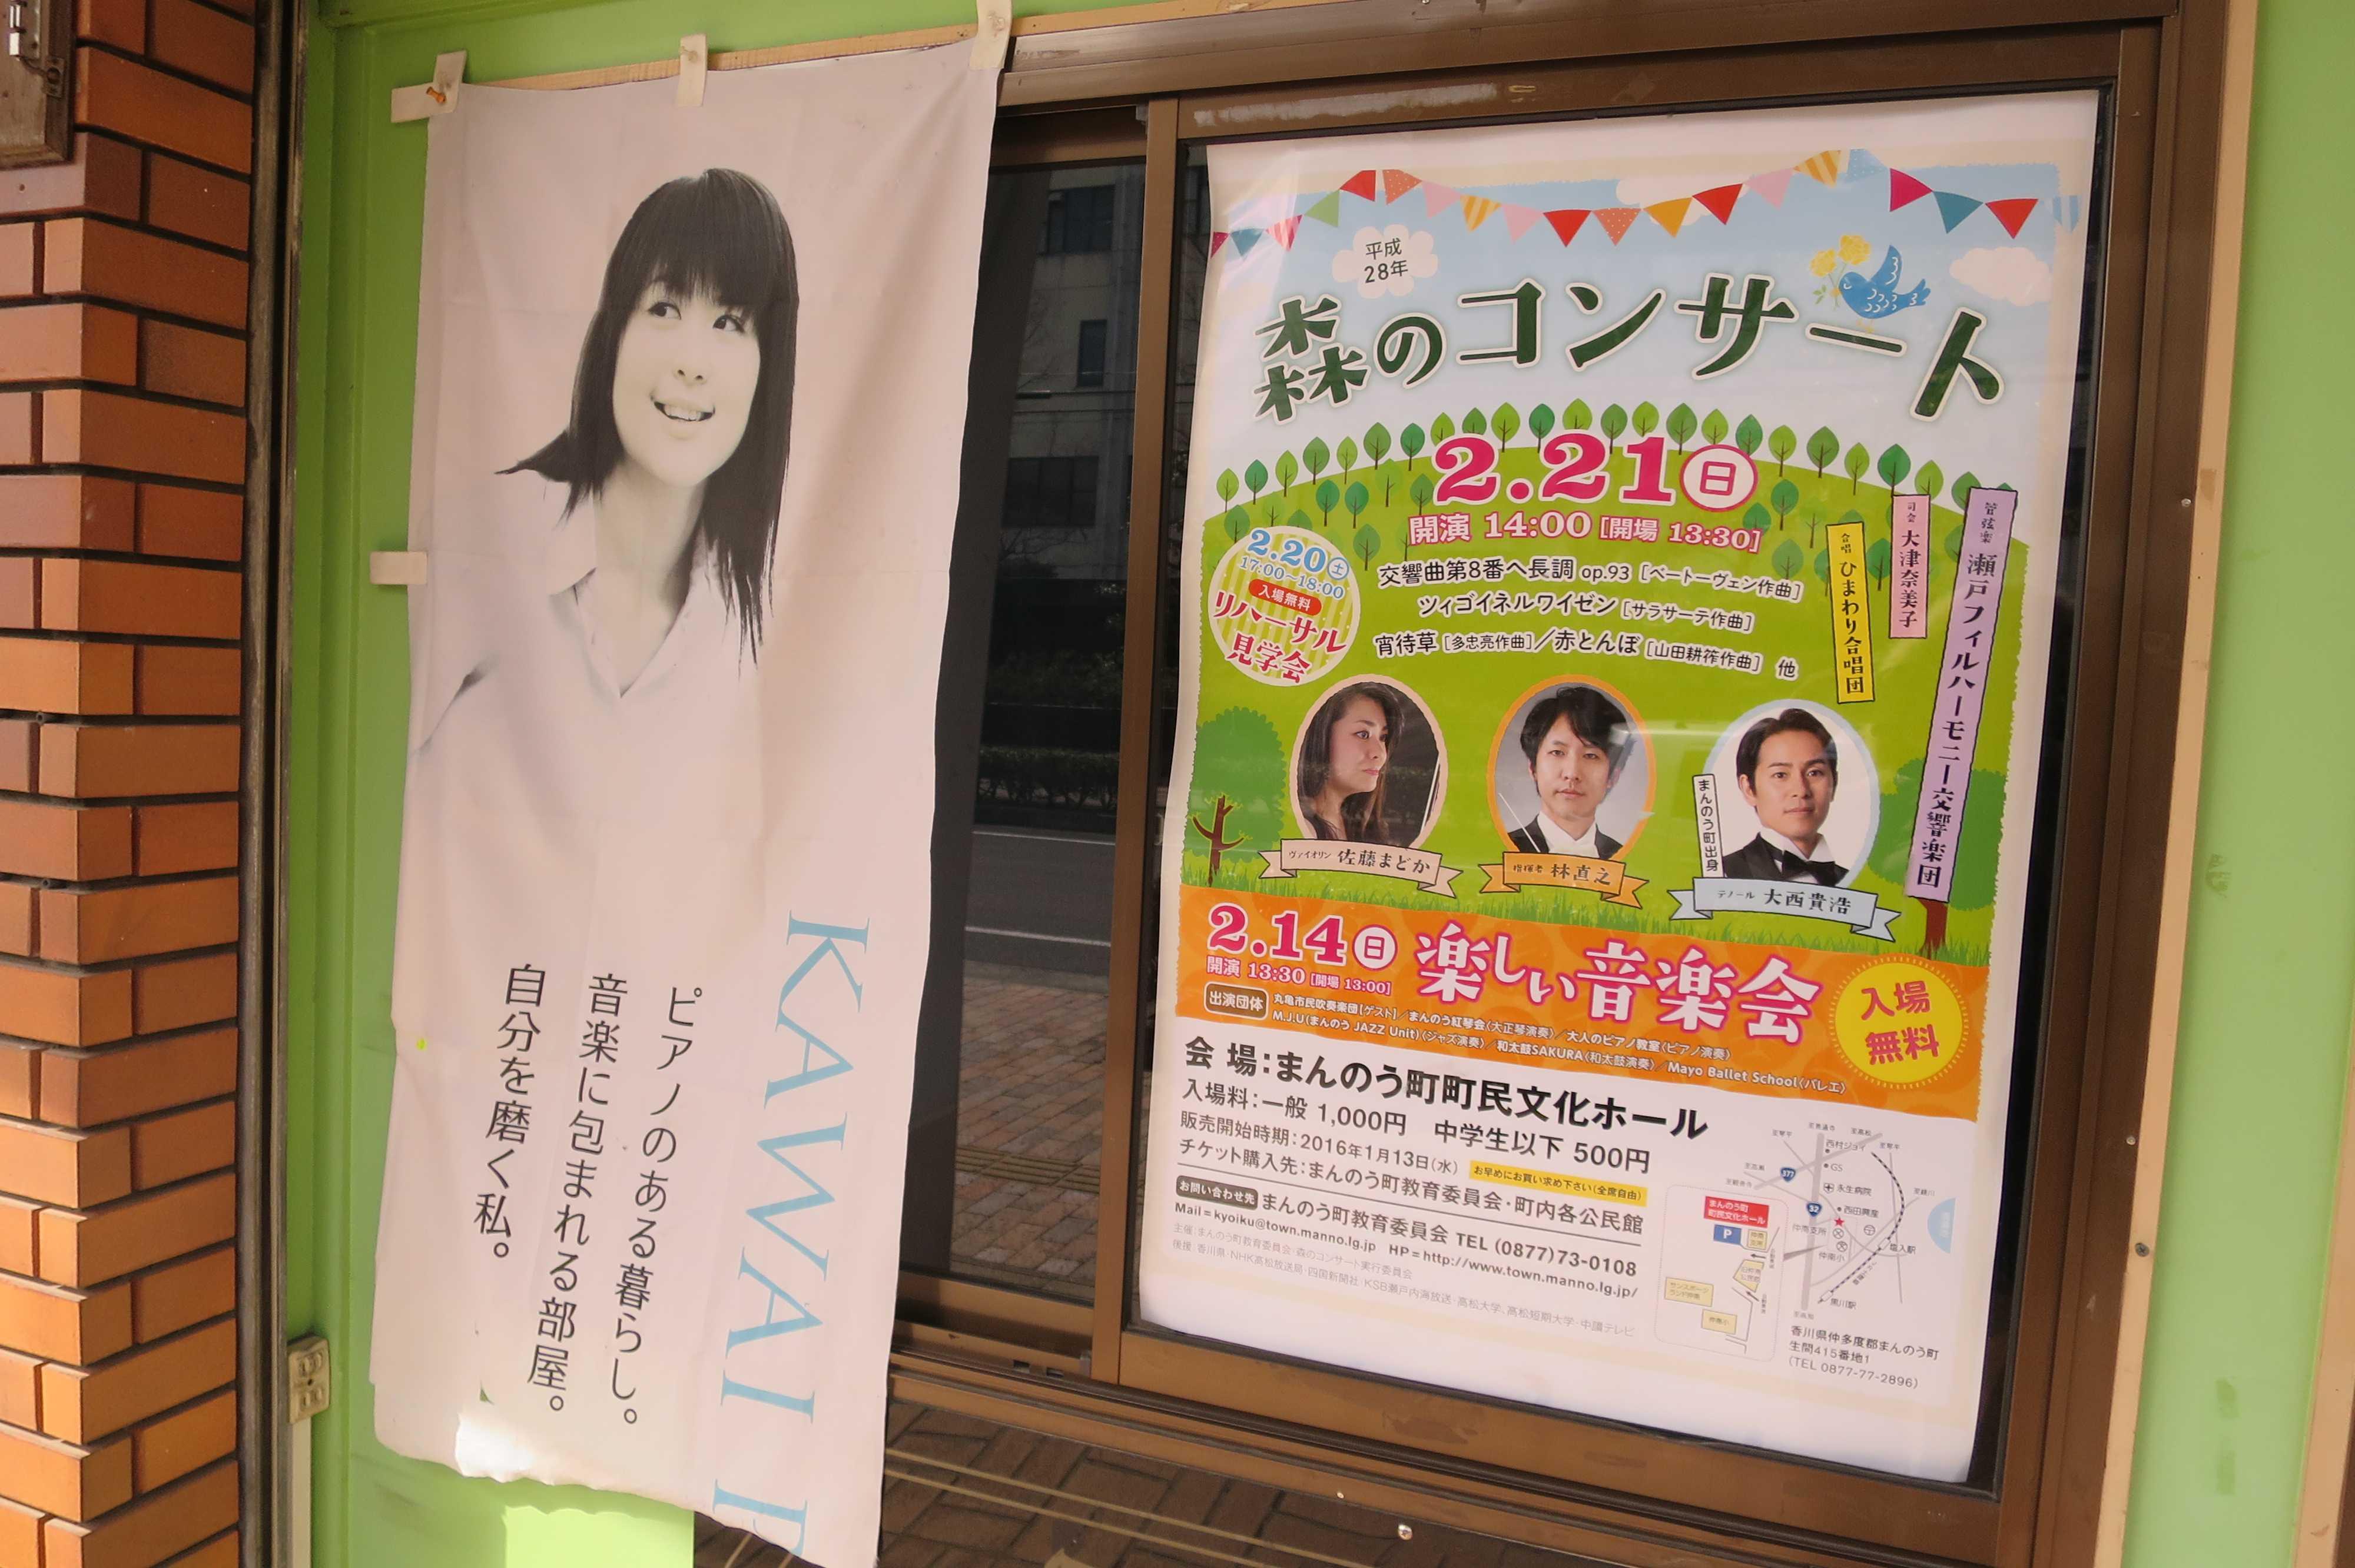 善通寺の街中に貼ってあったポスター